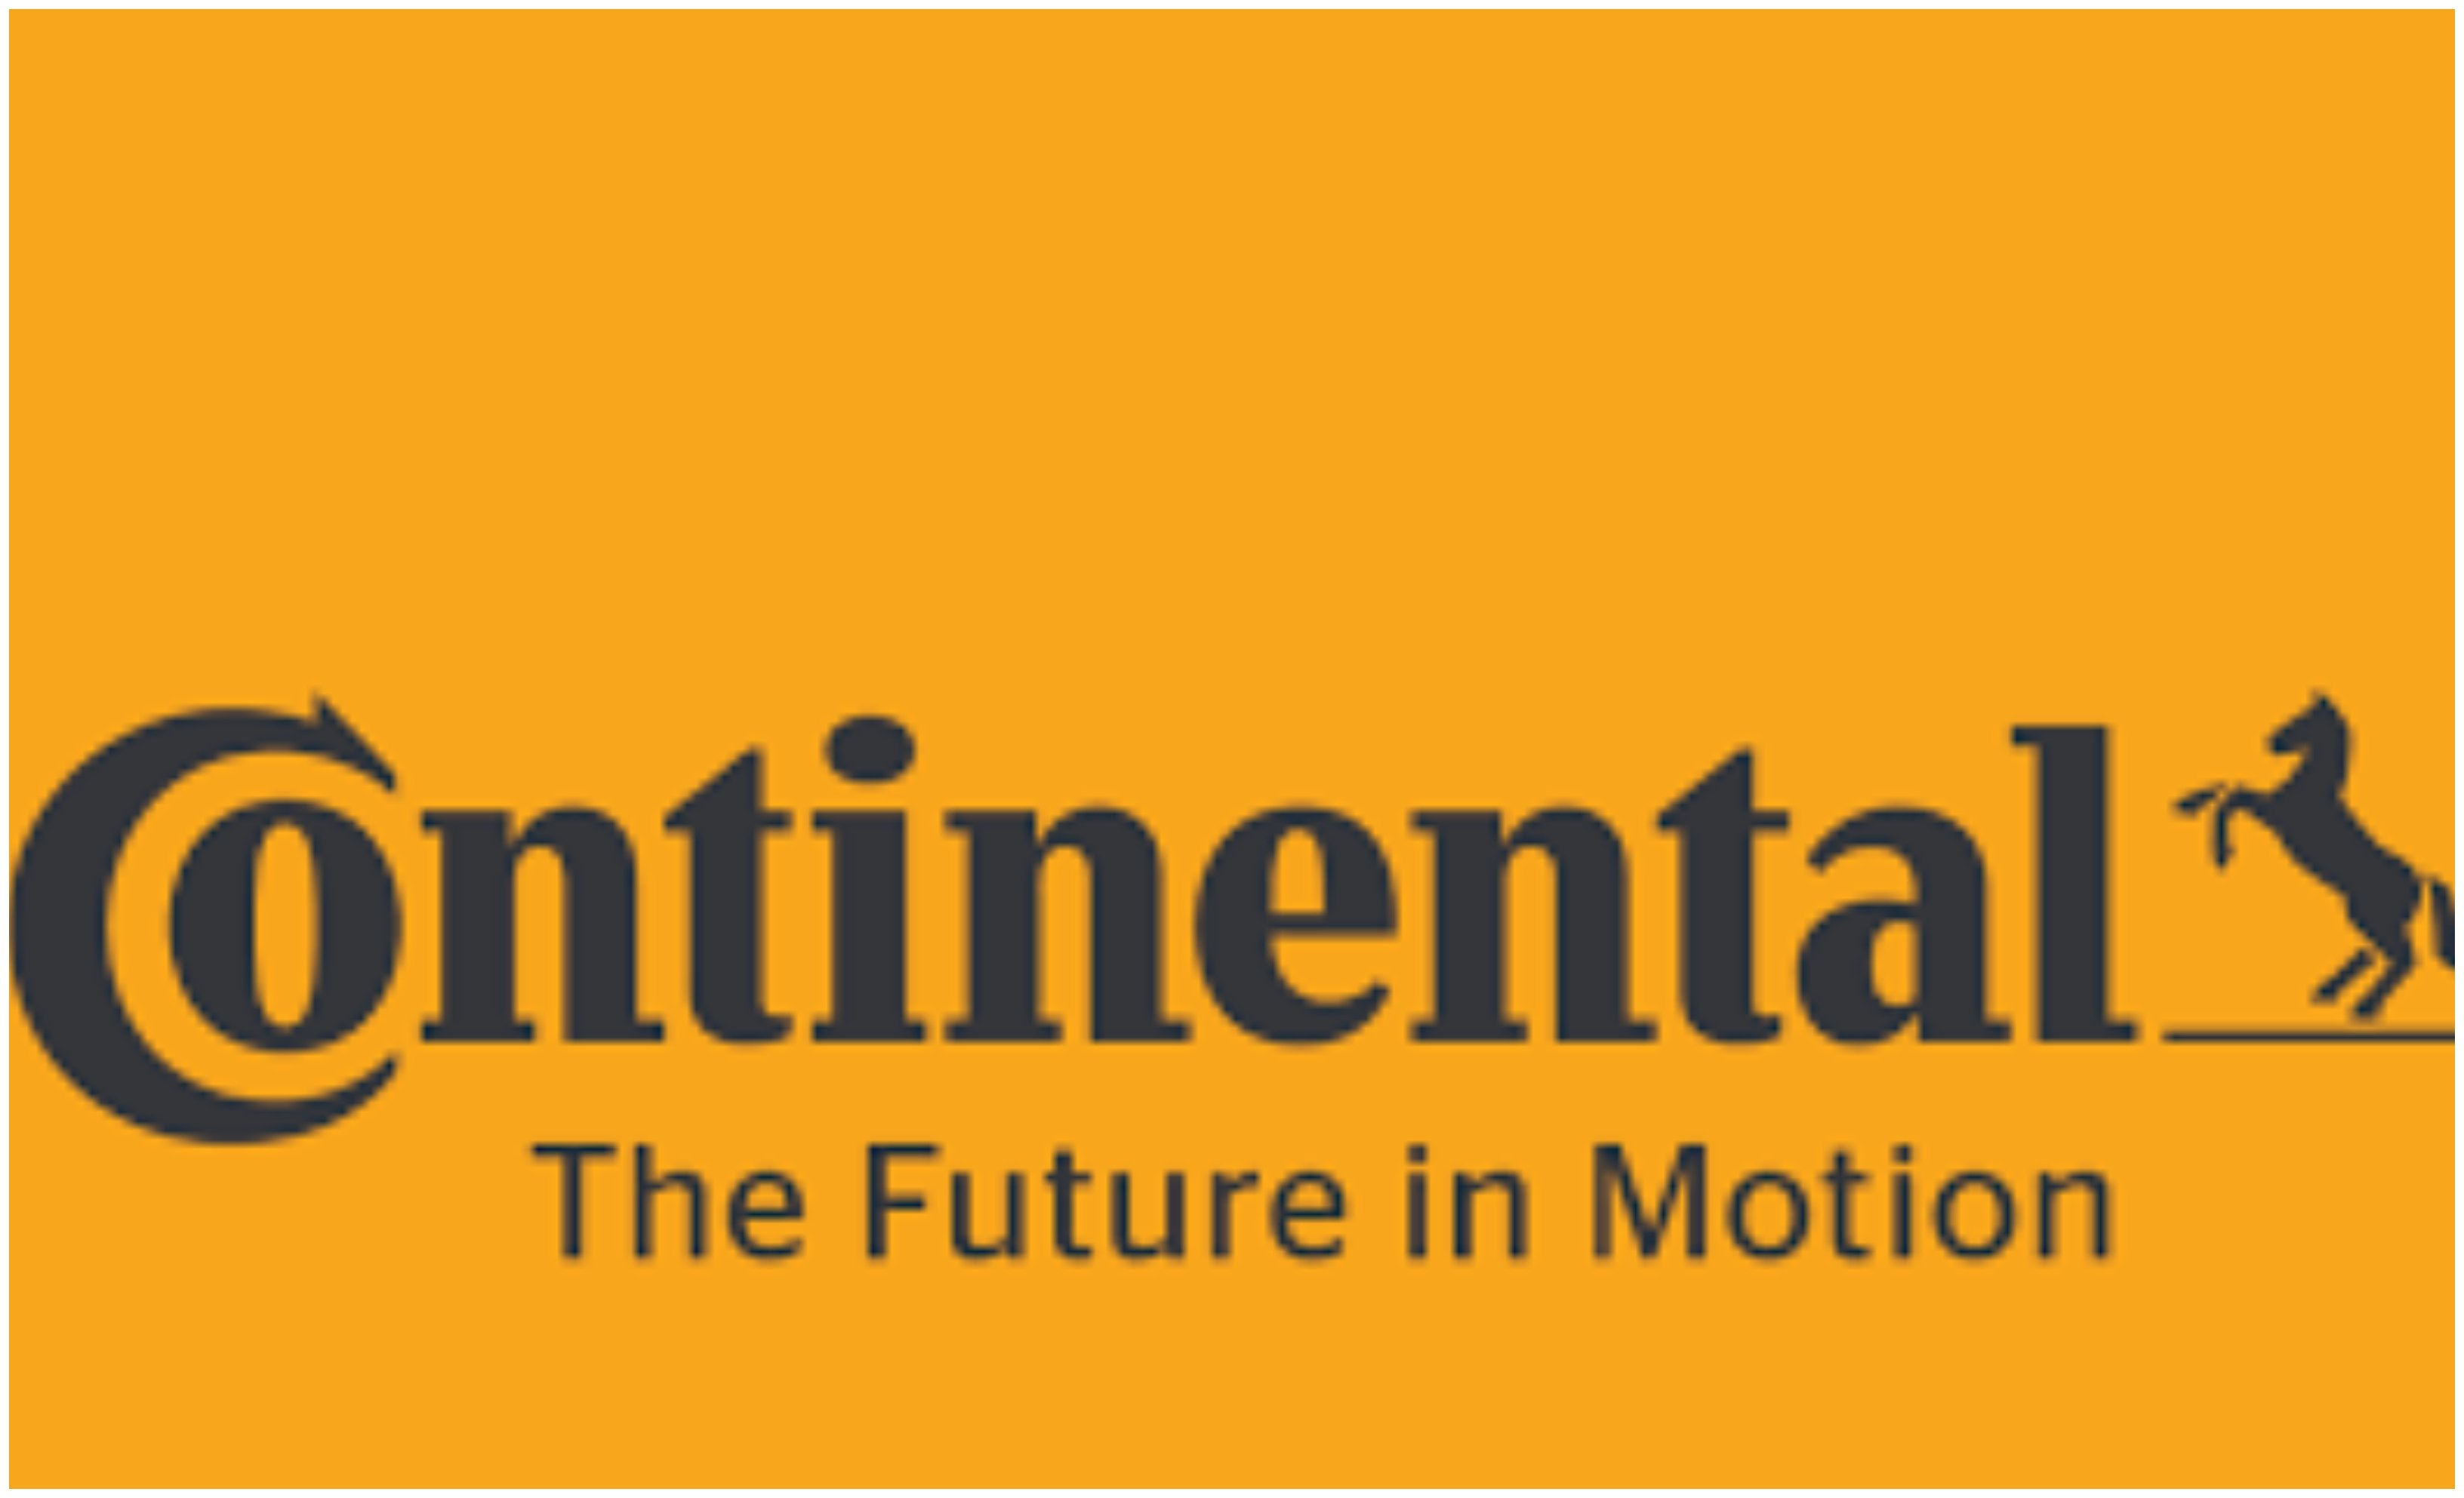 La empresa de neumáticos Continental está marchándose de España